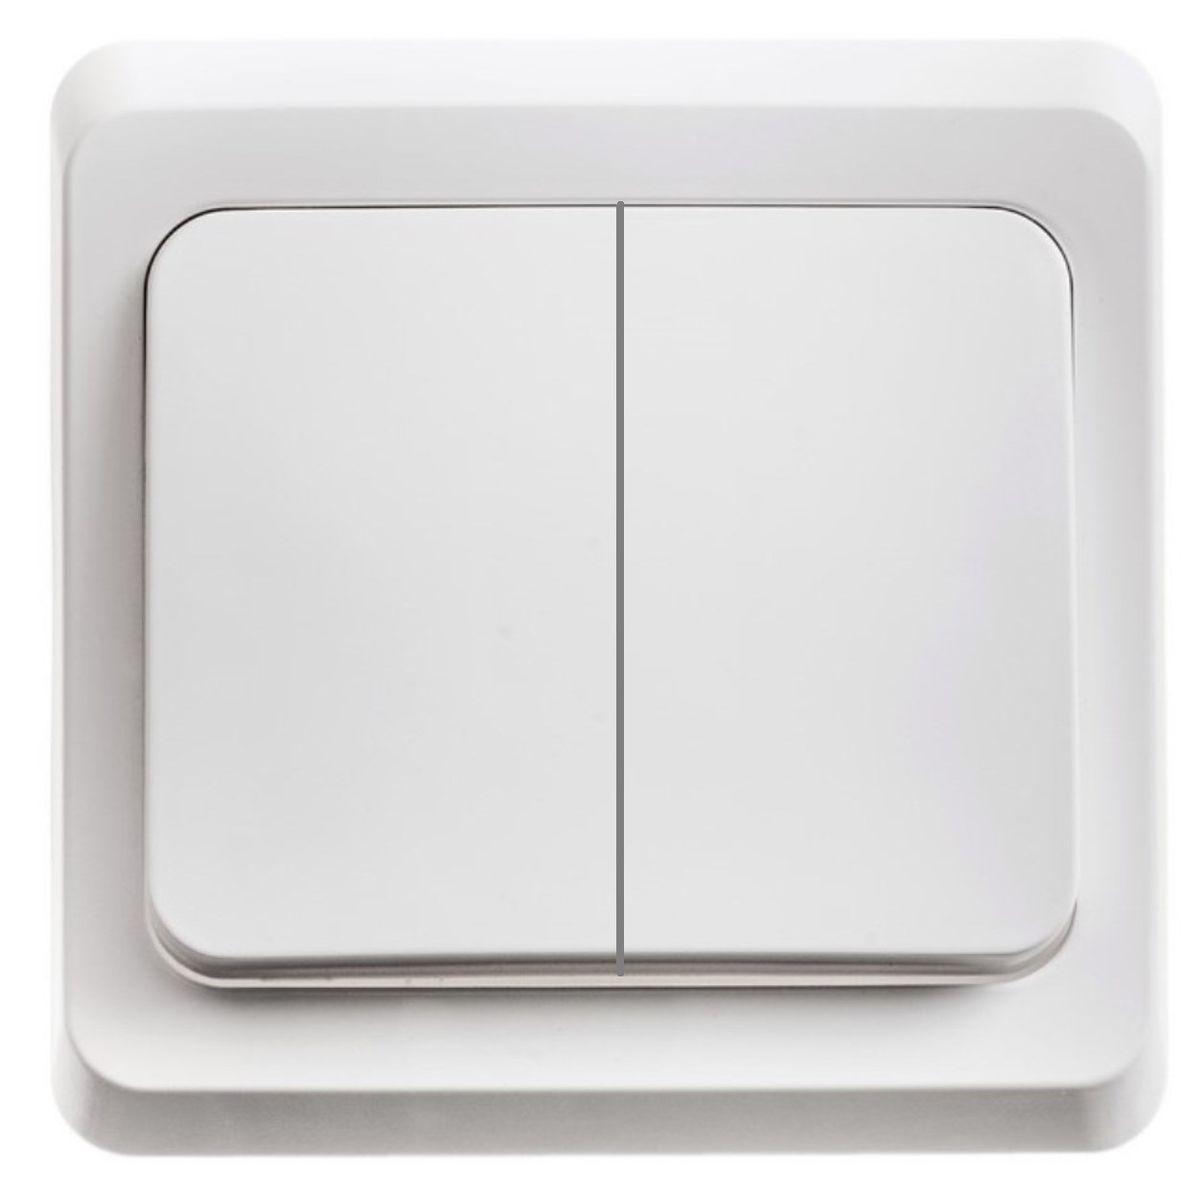 """Выключатель Schneider Electric """"Этюд"""", двойной, цвет: белый. BC10-002 BC10-002B"""